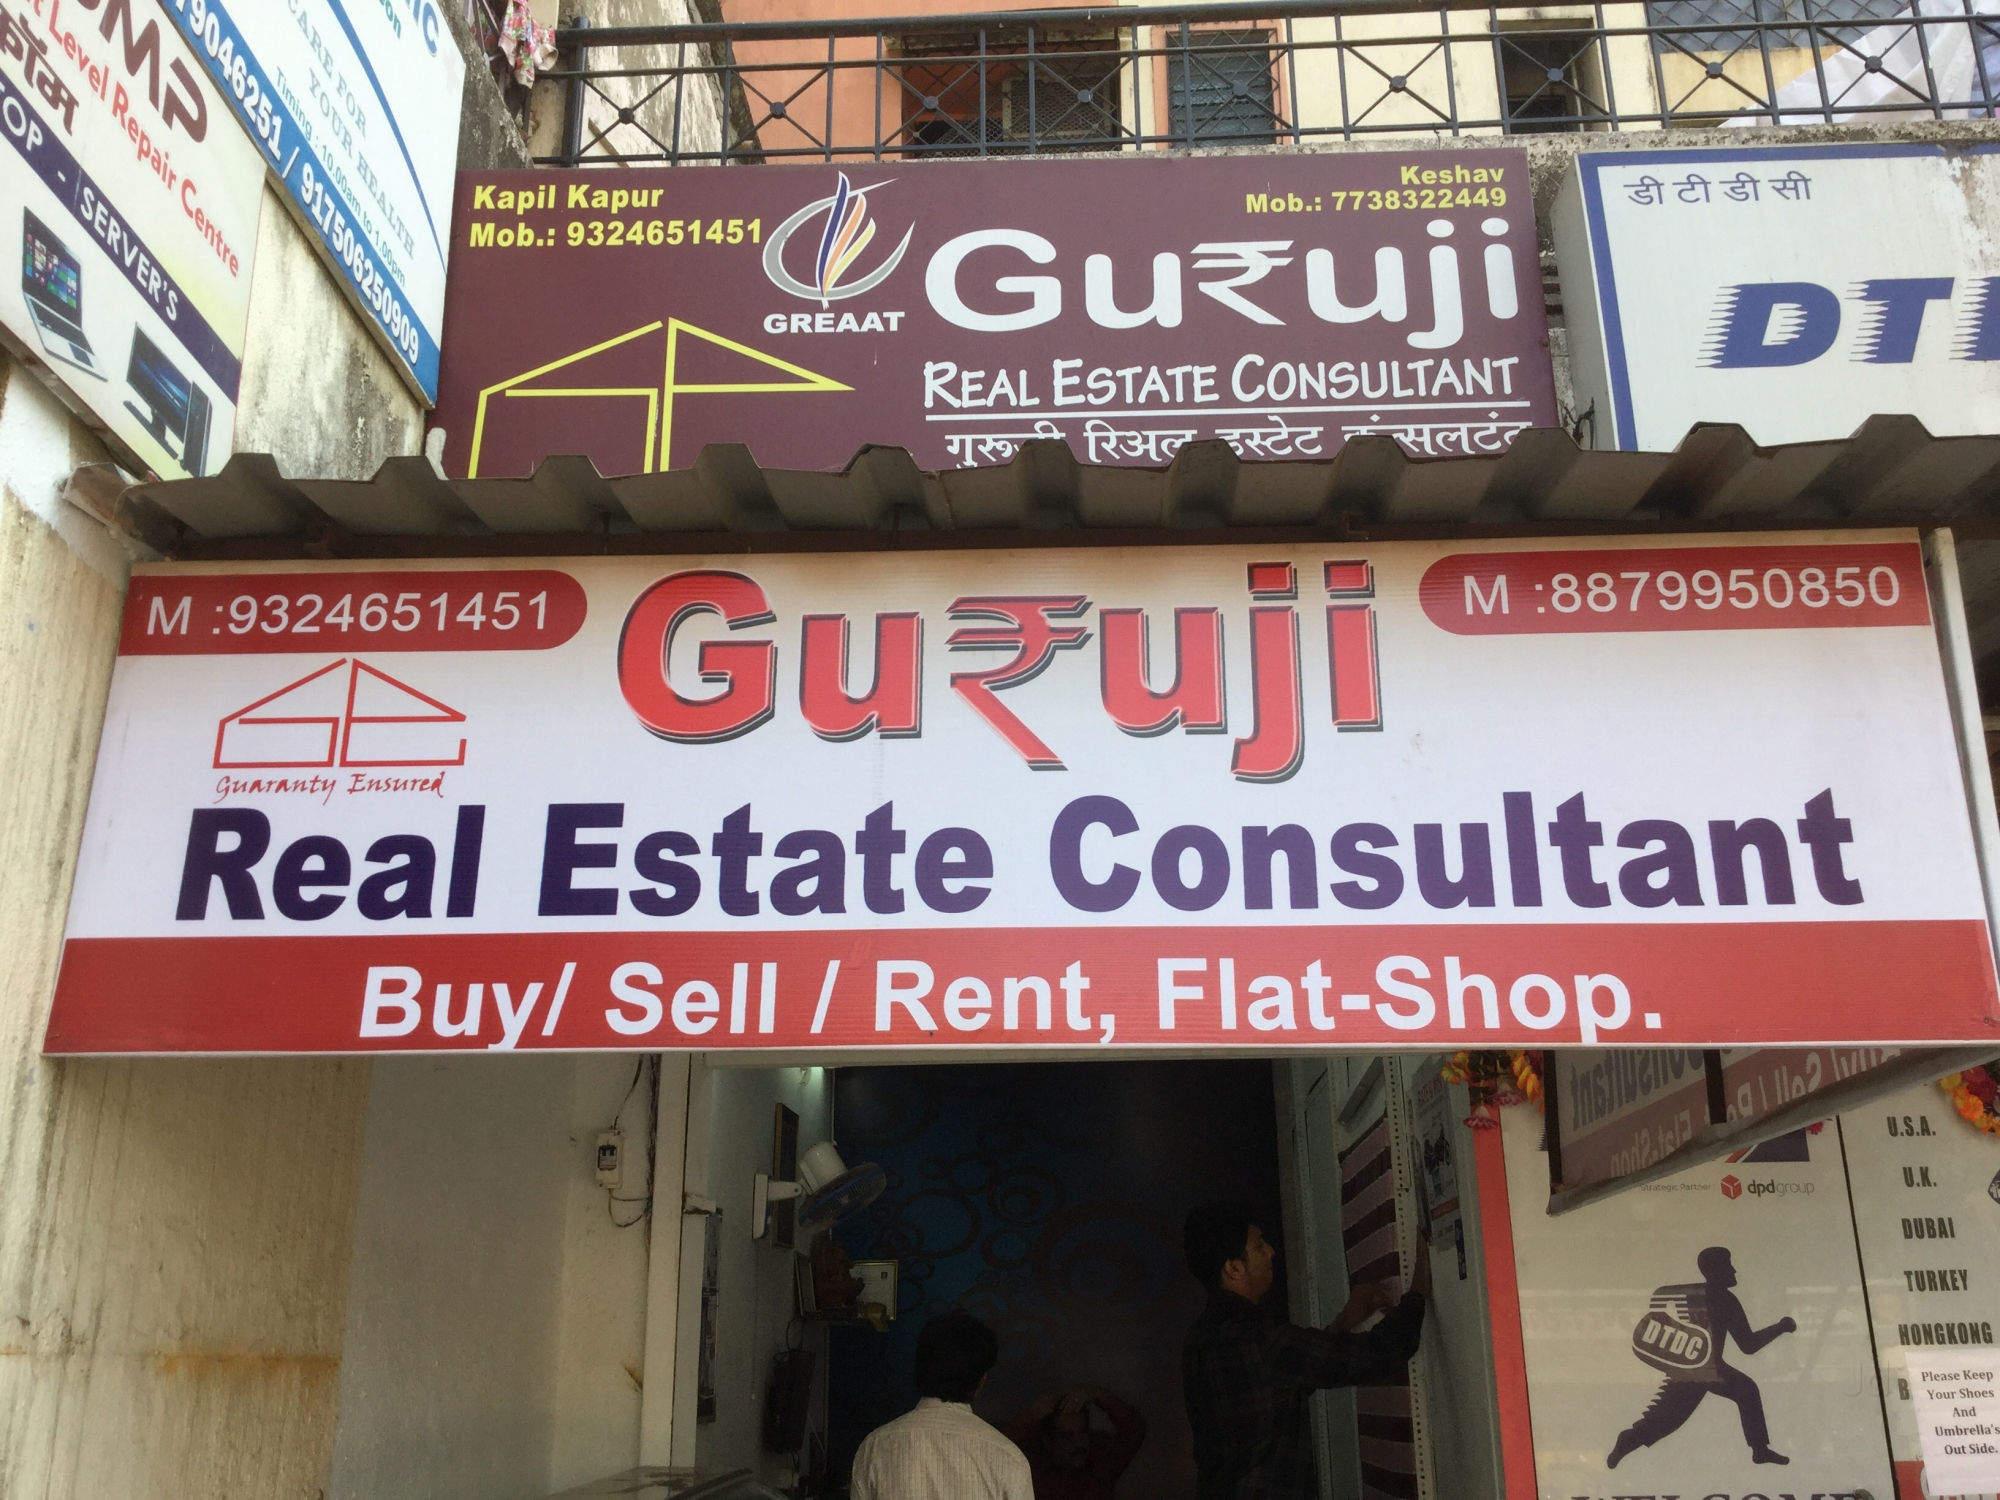 Top 30 Real Estate Agents in Majiwada, Mumbai - Best Real